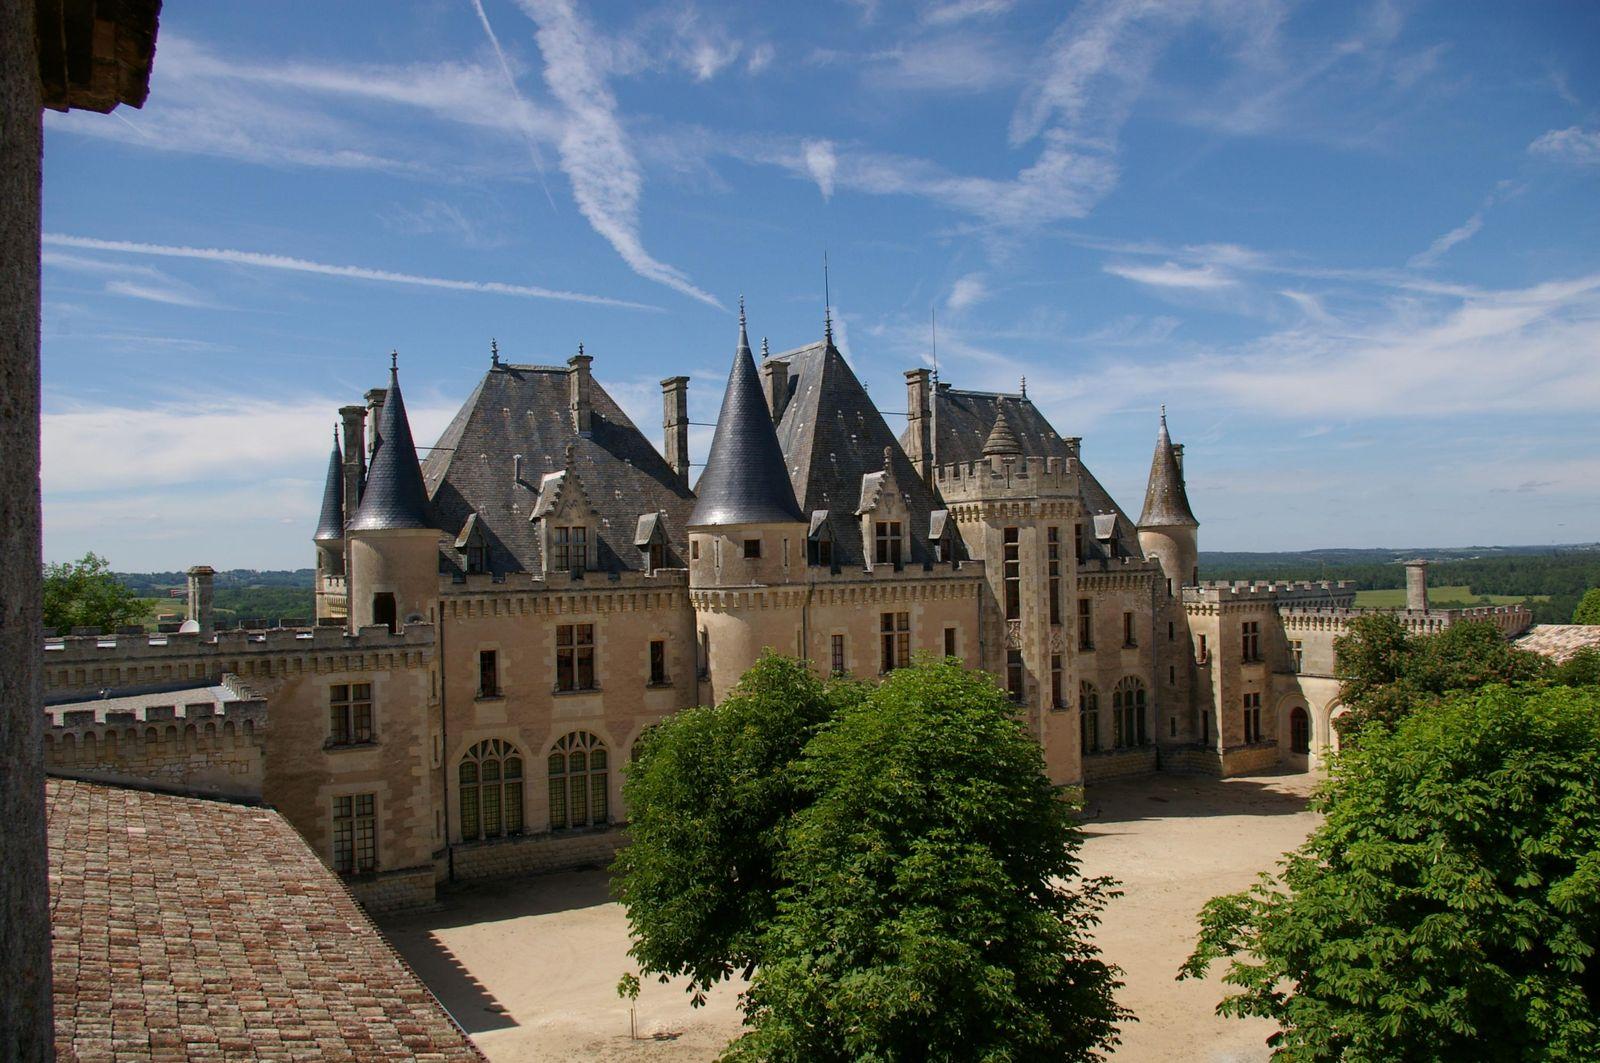 un château - ajonc - 26 septembre - trouvé par martine 1844_chateau-de-montaigne_saint-michel-de-montaigne